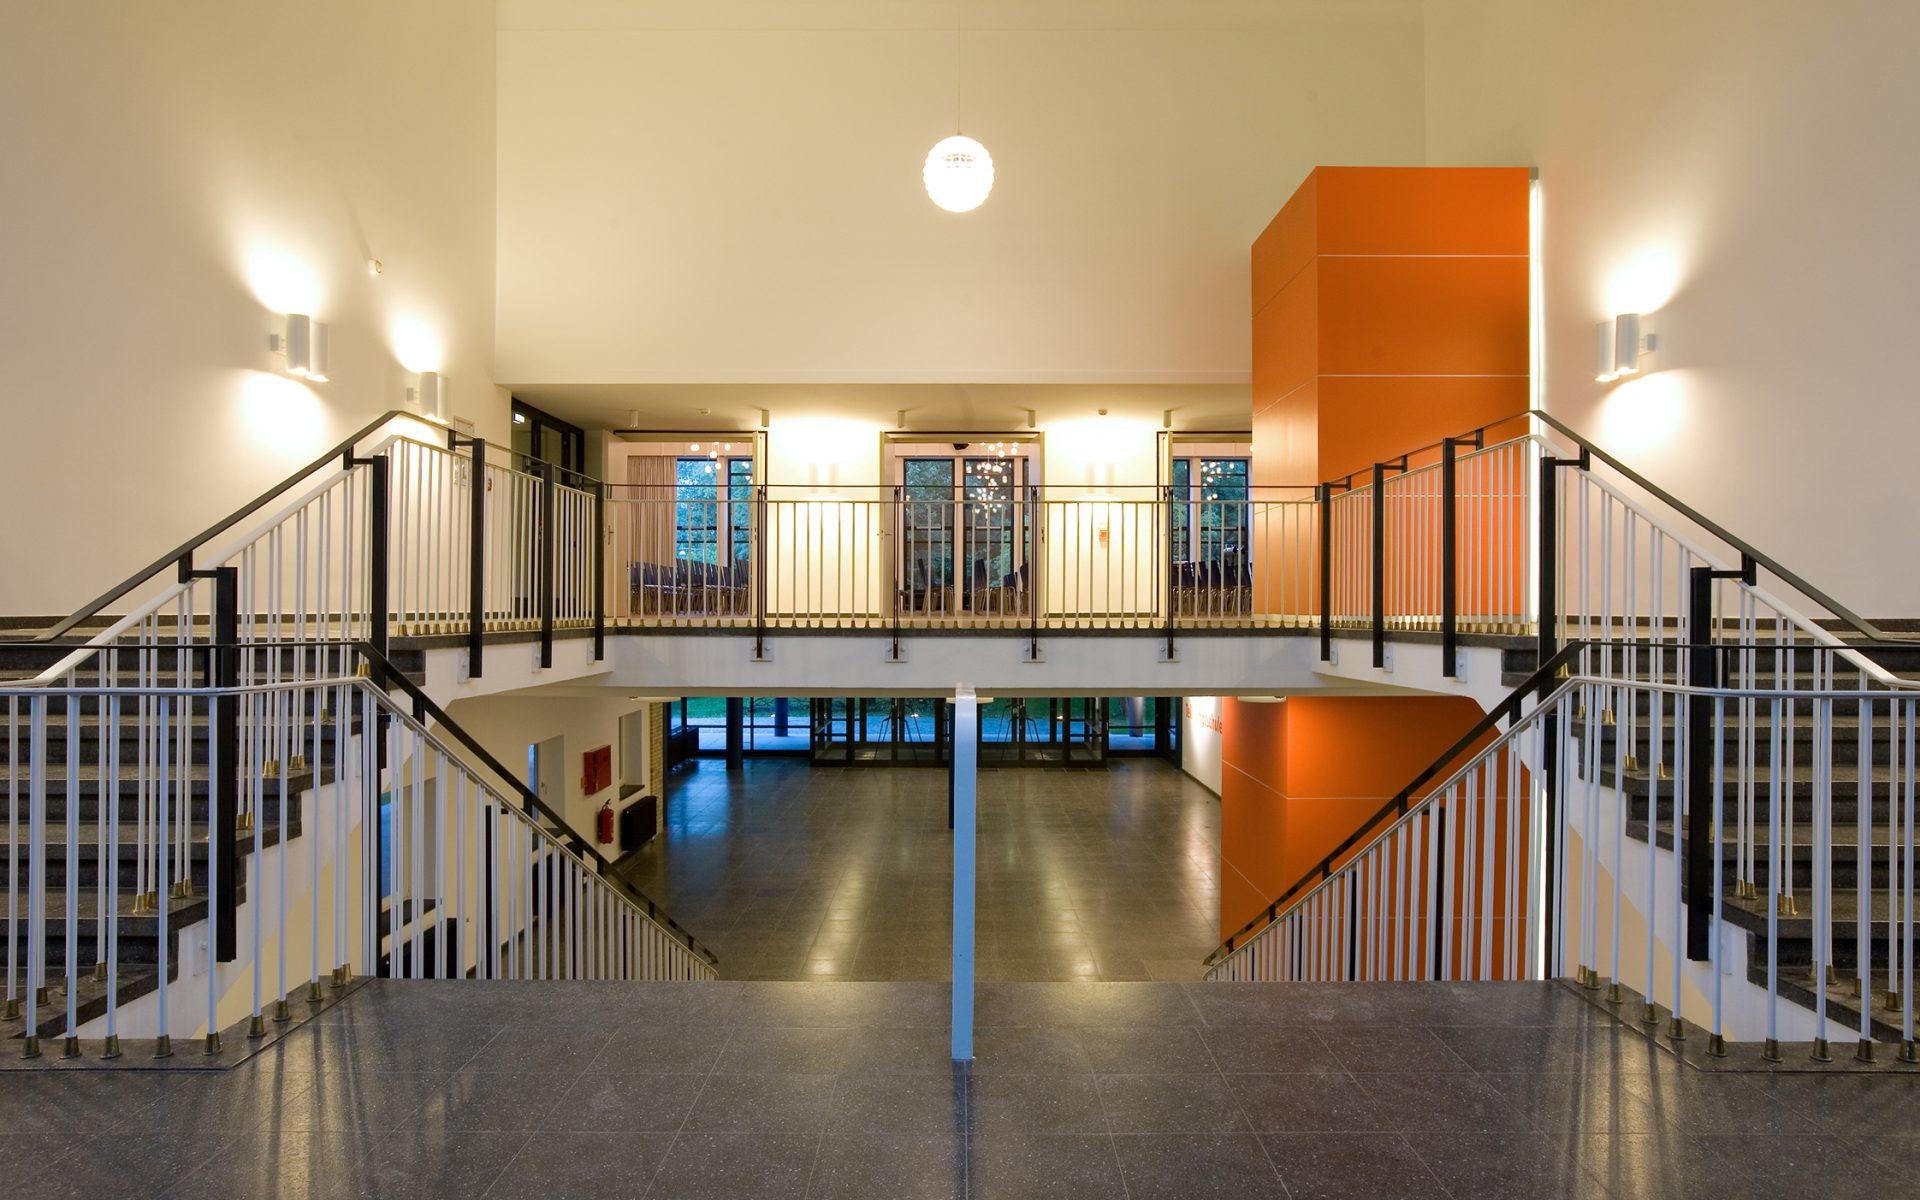 http://www.stricker-architekten.de/projekte/aula-und-mensa-tellkampfschule-hannover/